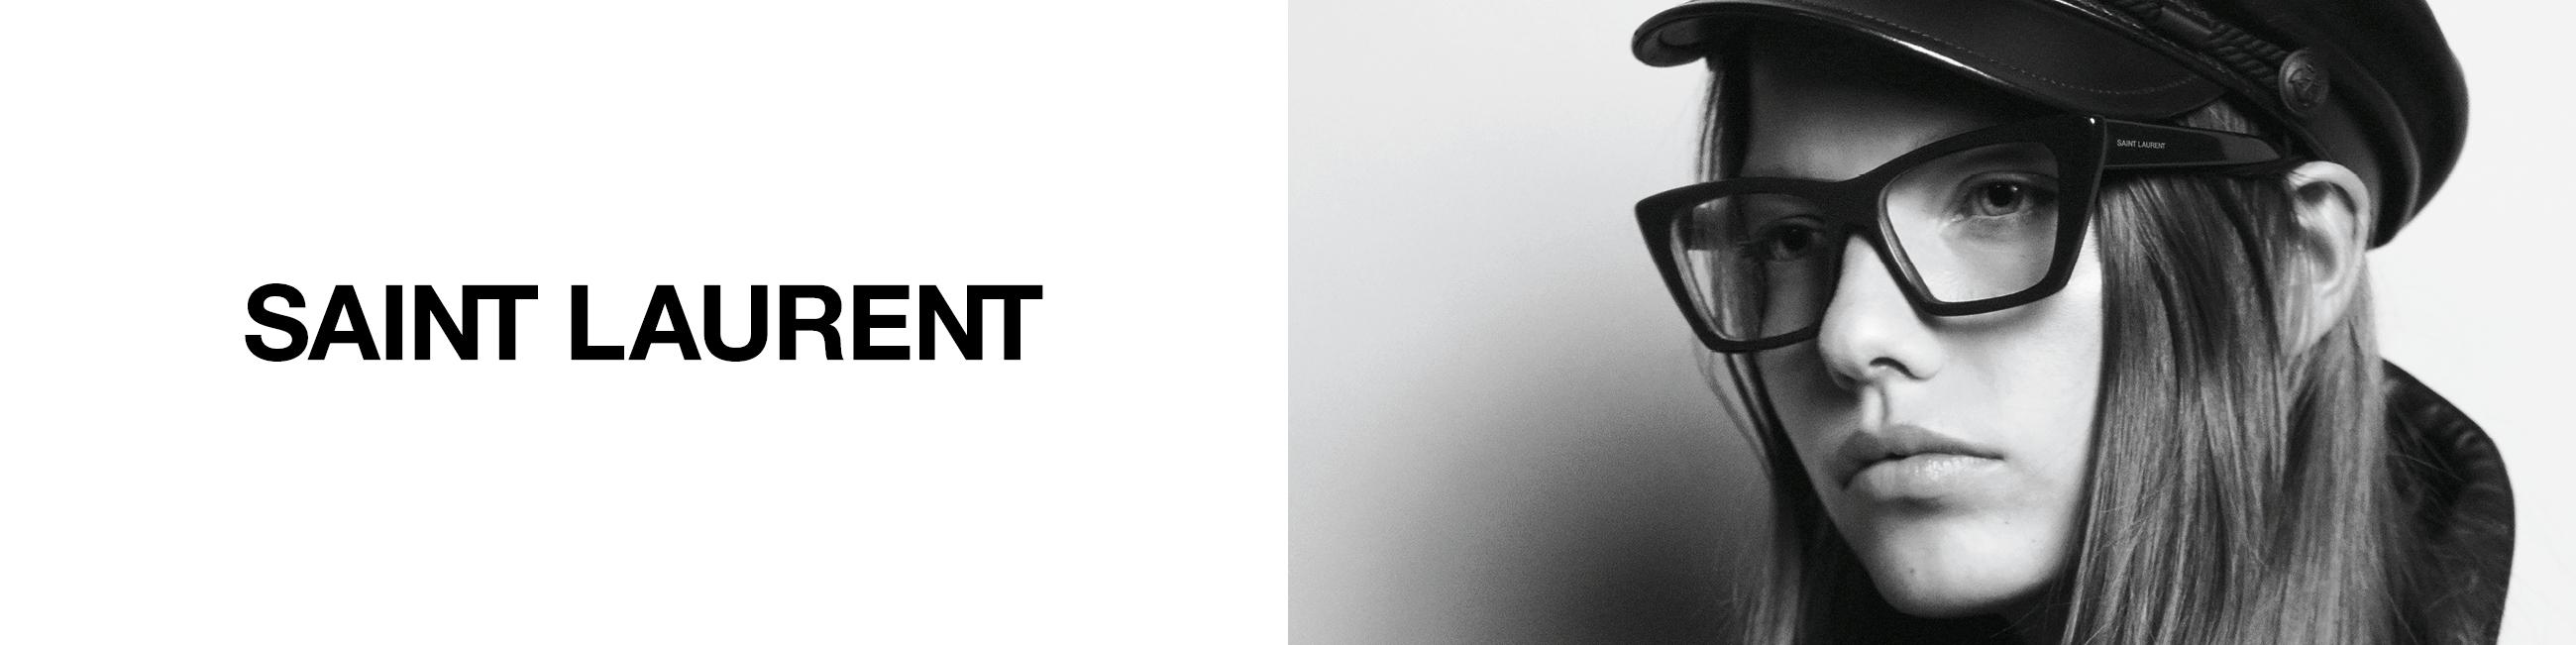 Silmälasit - MICHAEL KORS - SAINT LAURENT - PUMA